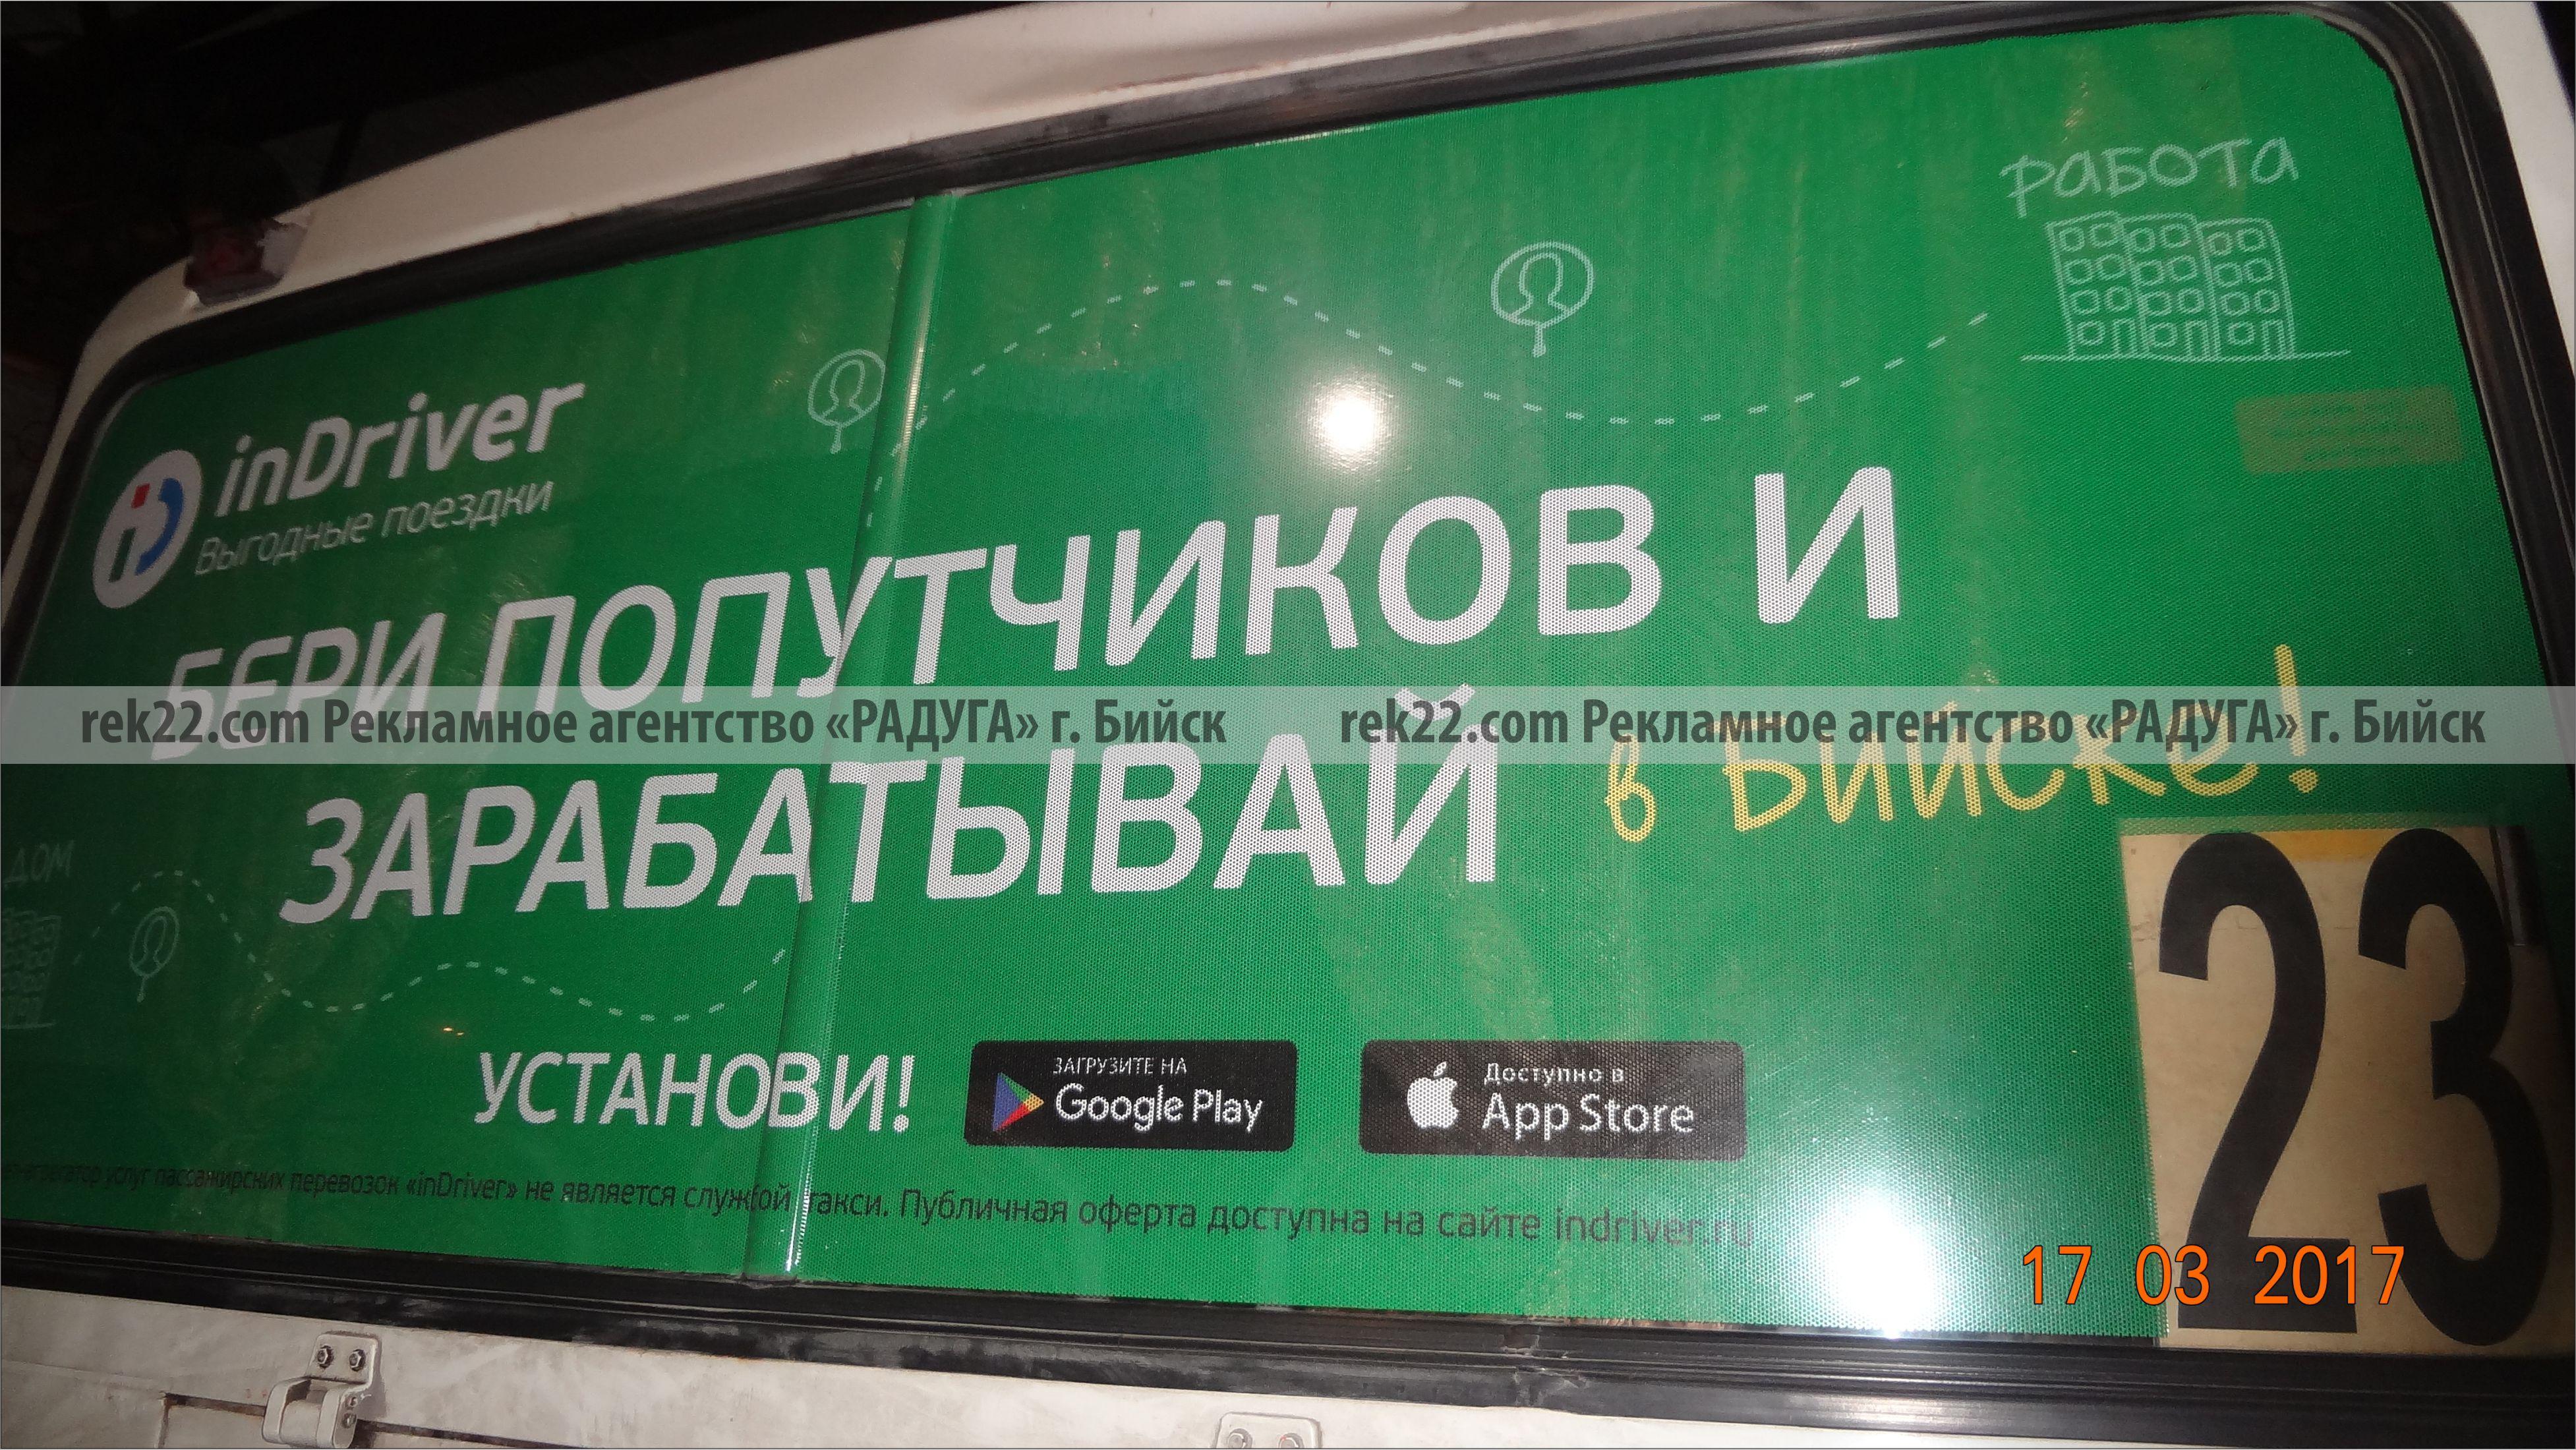 Реклама на транспорте Бийск - бортах, задних стеклах - 7